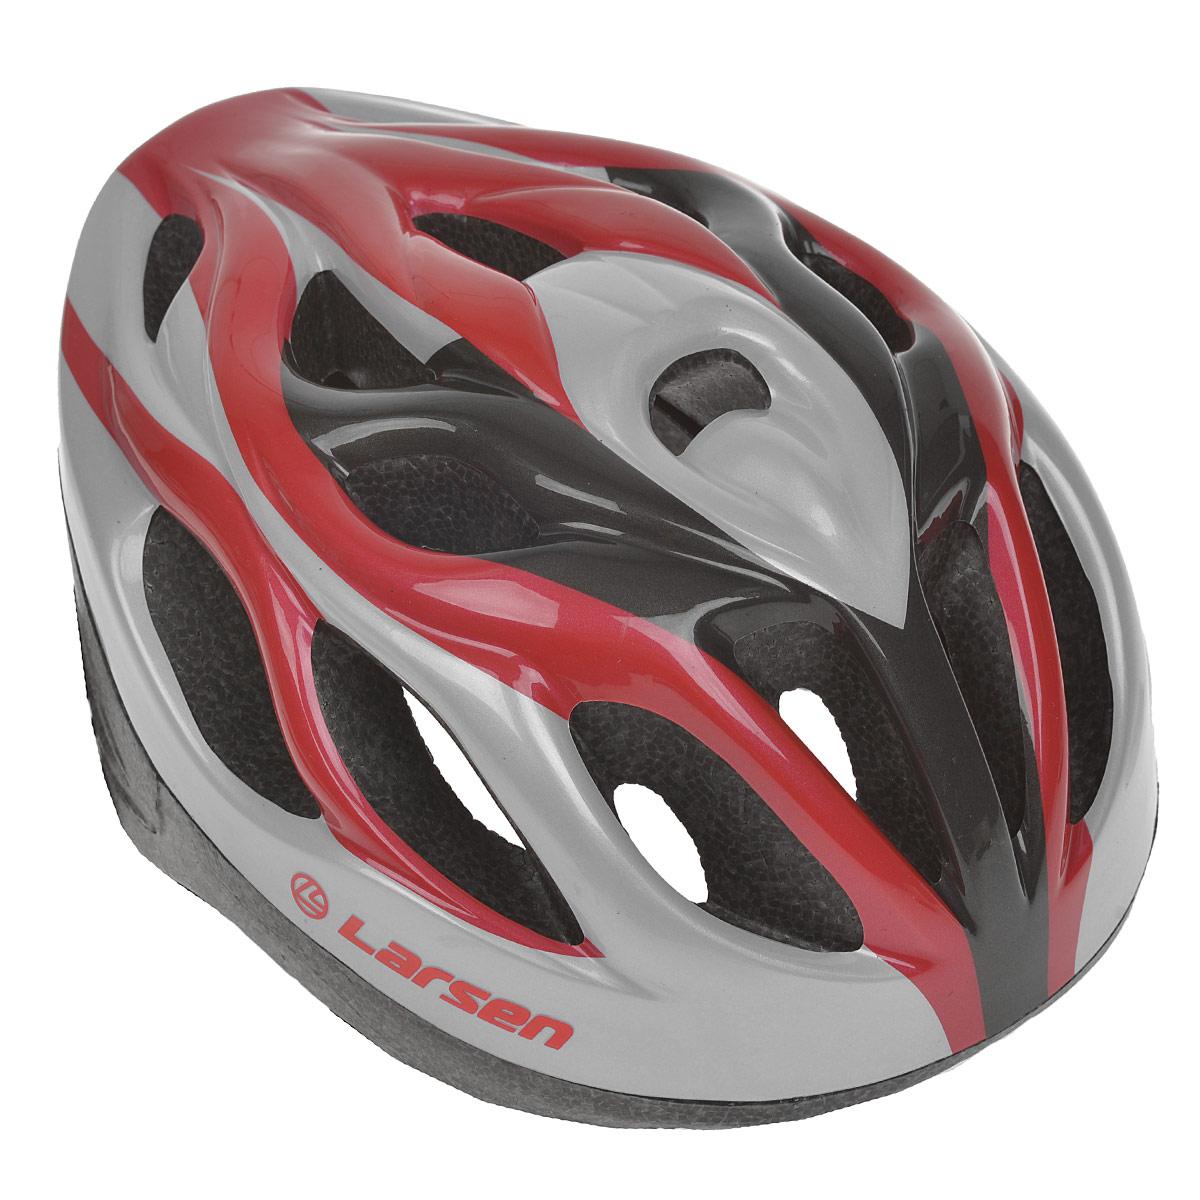 Шлем роликовый Larsen H3BW, цвет: красный, серебристый. Размер L (54-57 см) шлем защитный larsen h1 pilot